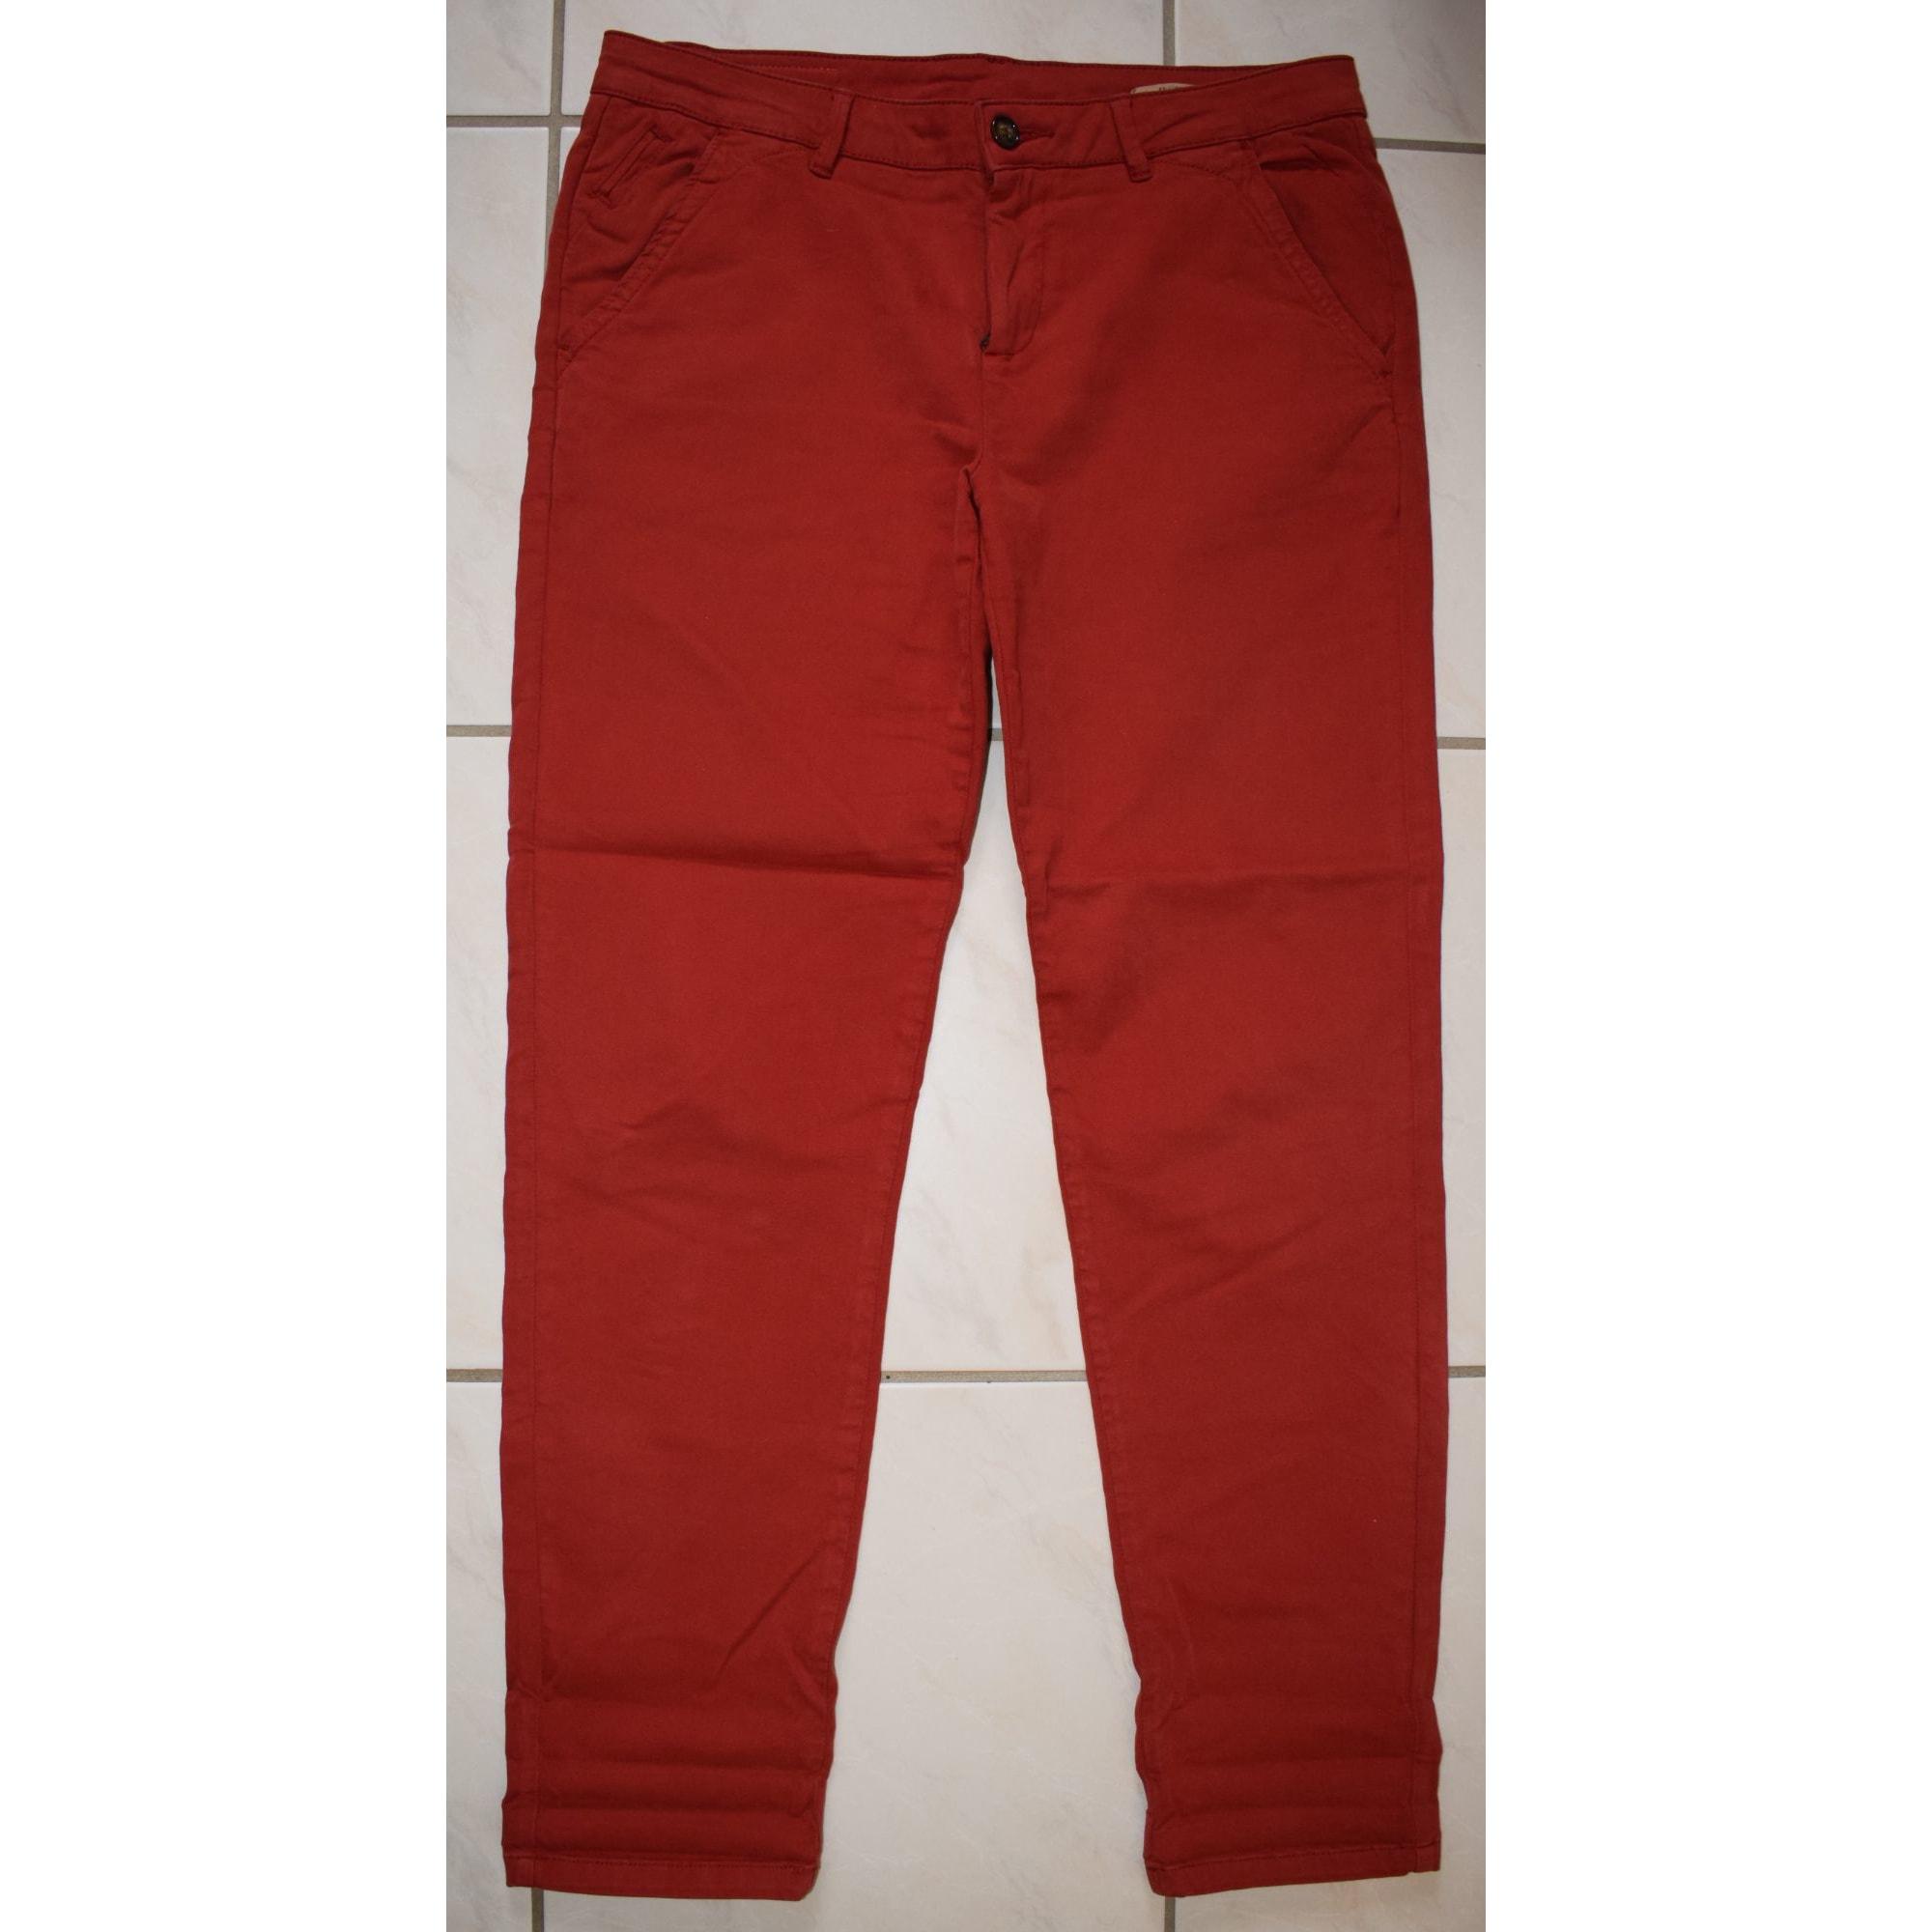 Pantalon droit REIKO Rouge, bordeaux